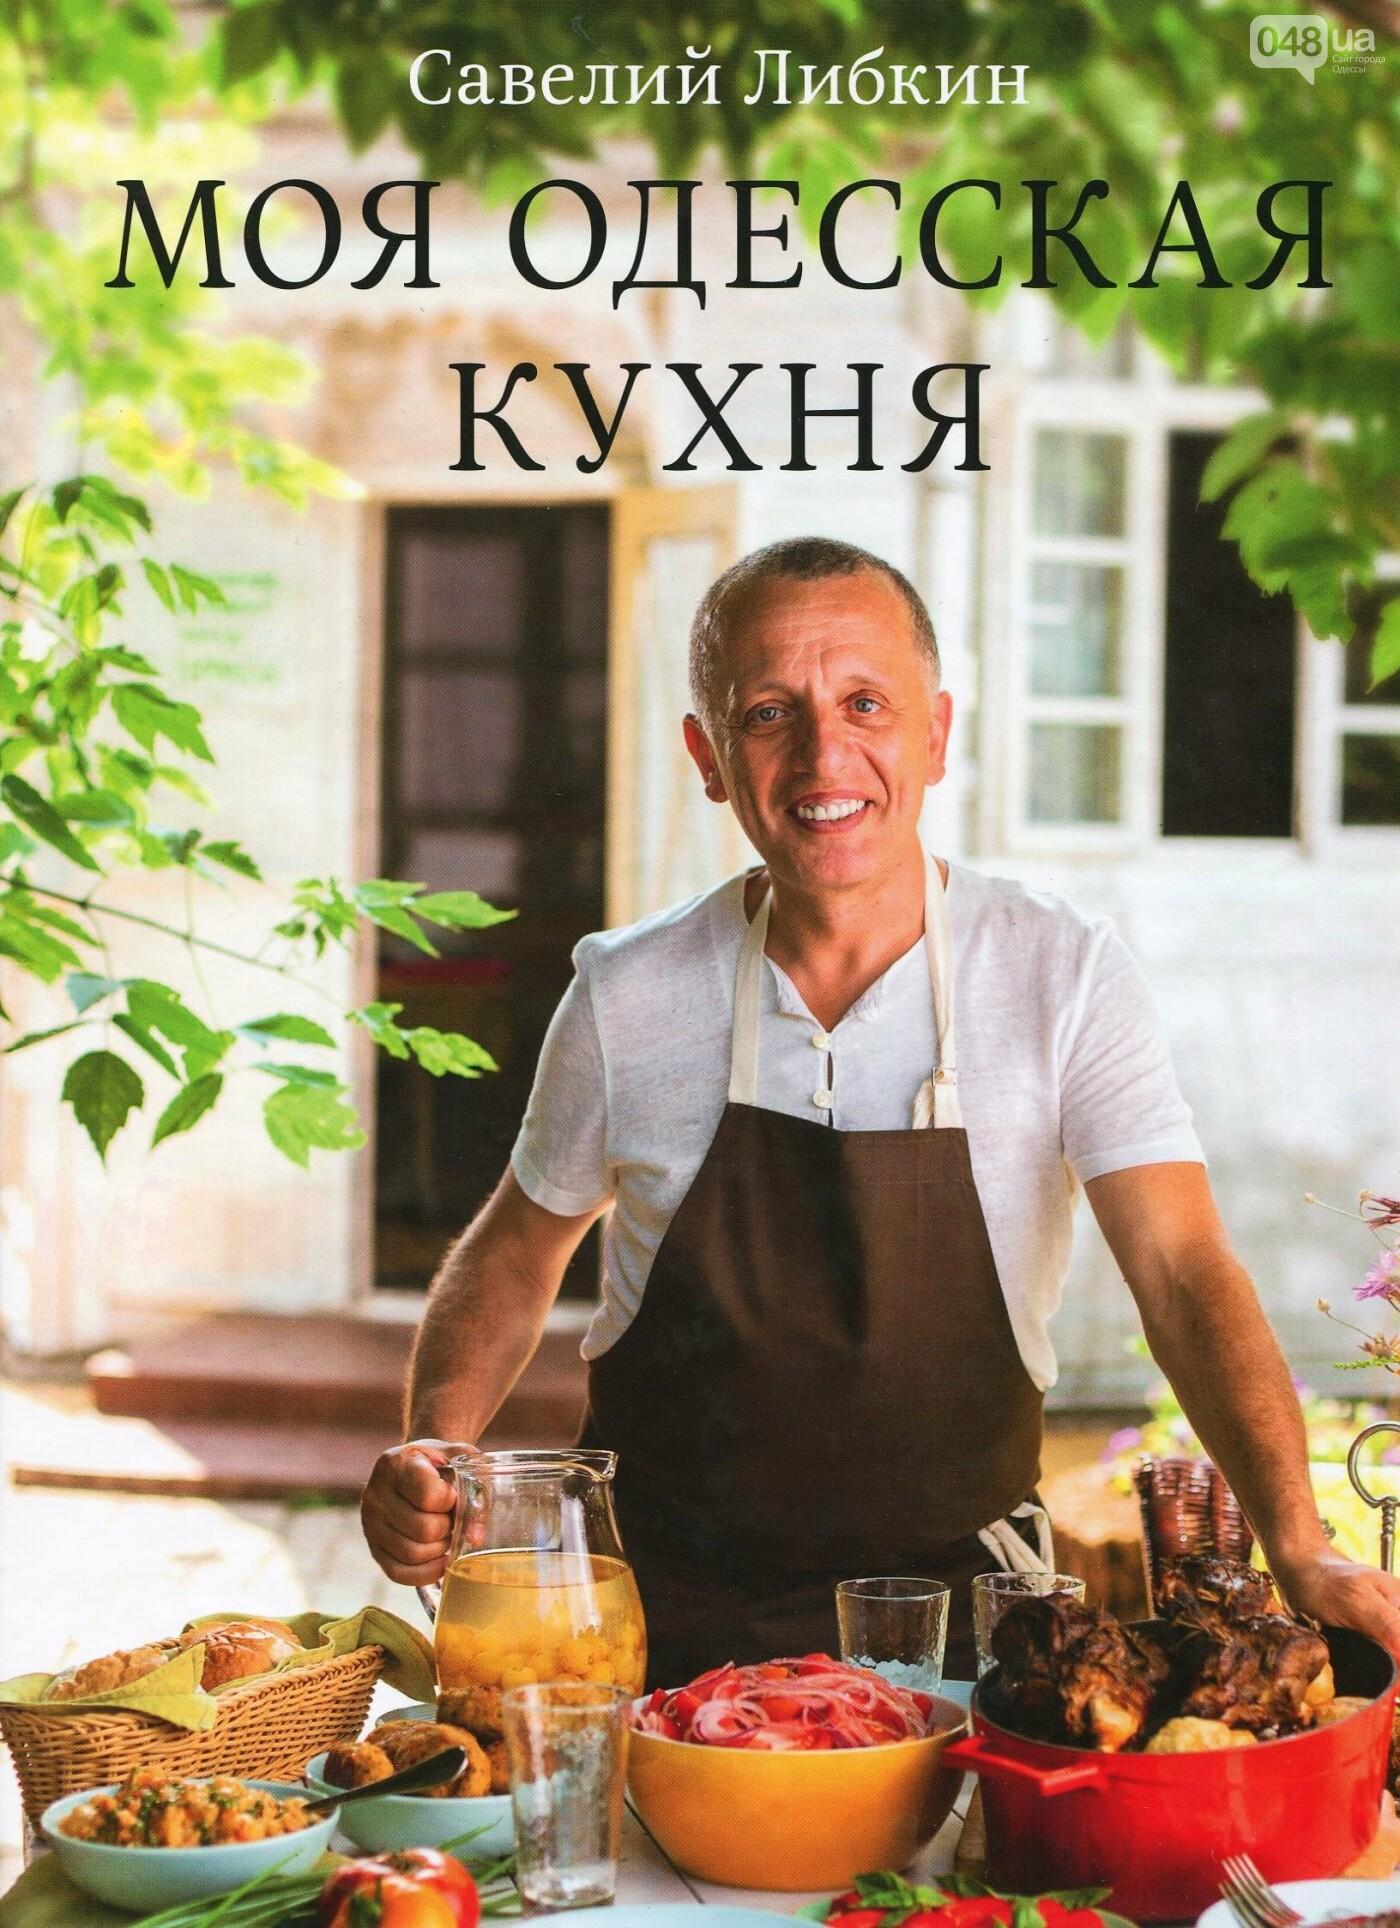 8 книг с духом Одессы, юмором и уникальными пейзажами, фото-3